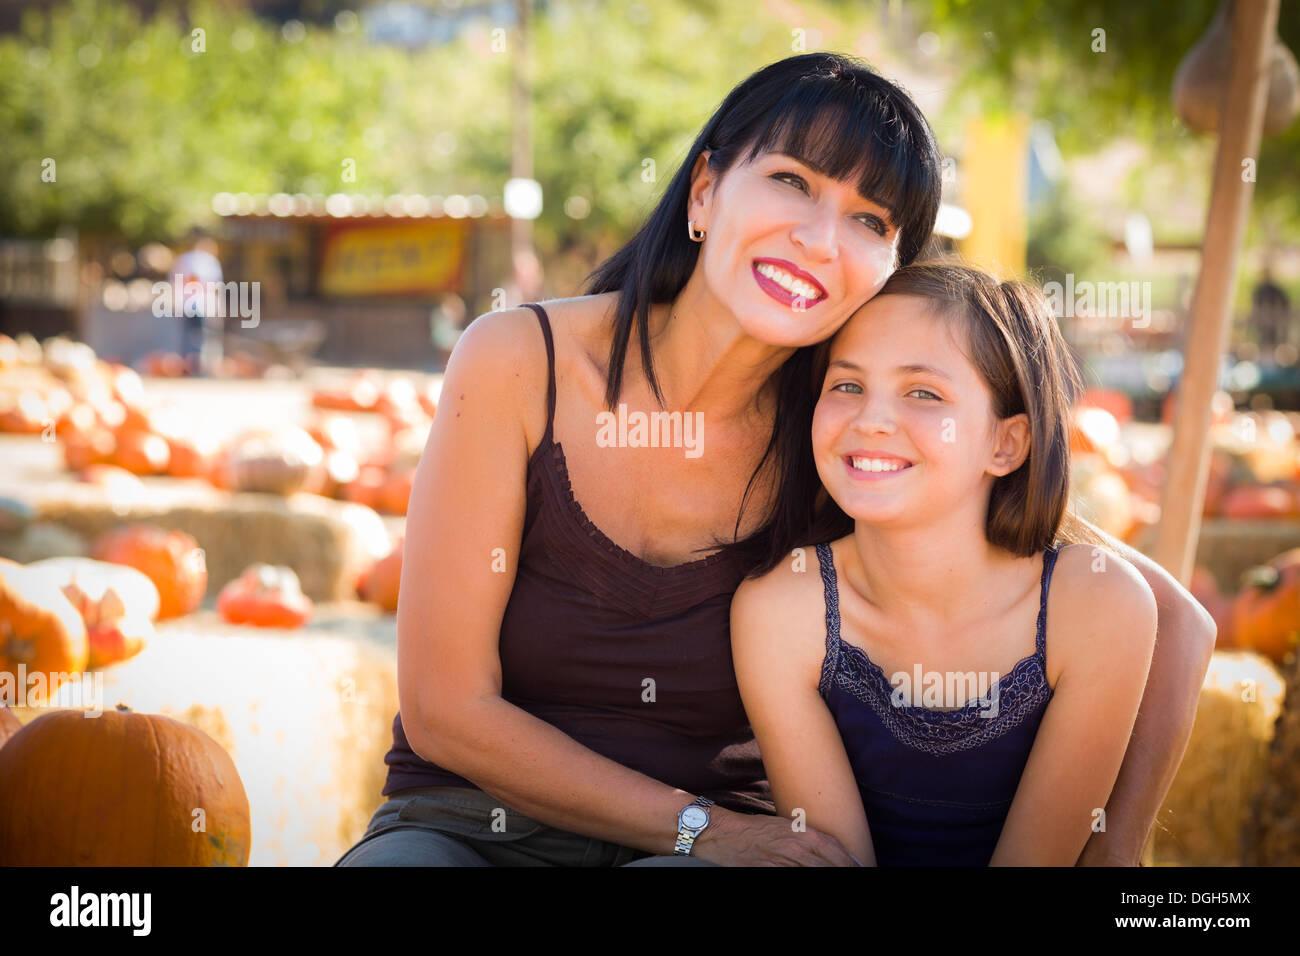 Mexican Ranch Stockfotos & Mexican Ranch Bilder - Seite 2 - Alamy